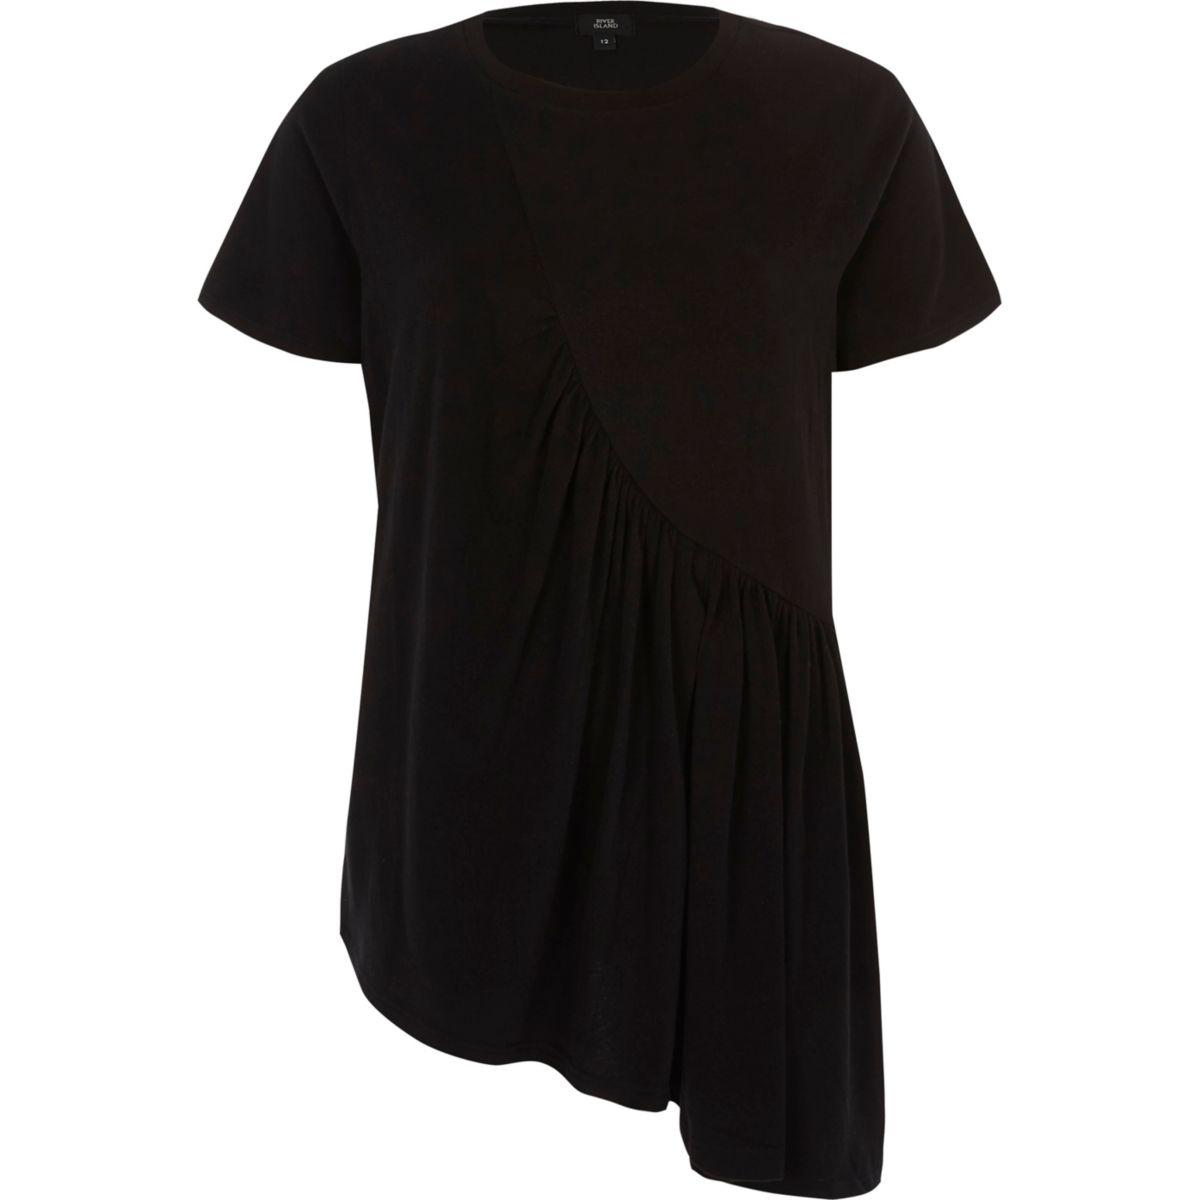 Zwart asymmetrisch T-shirt met rimpeling